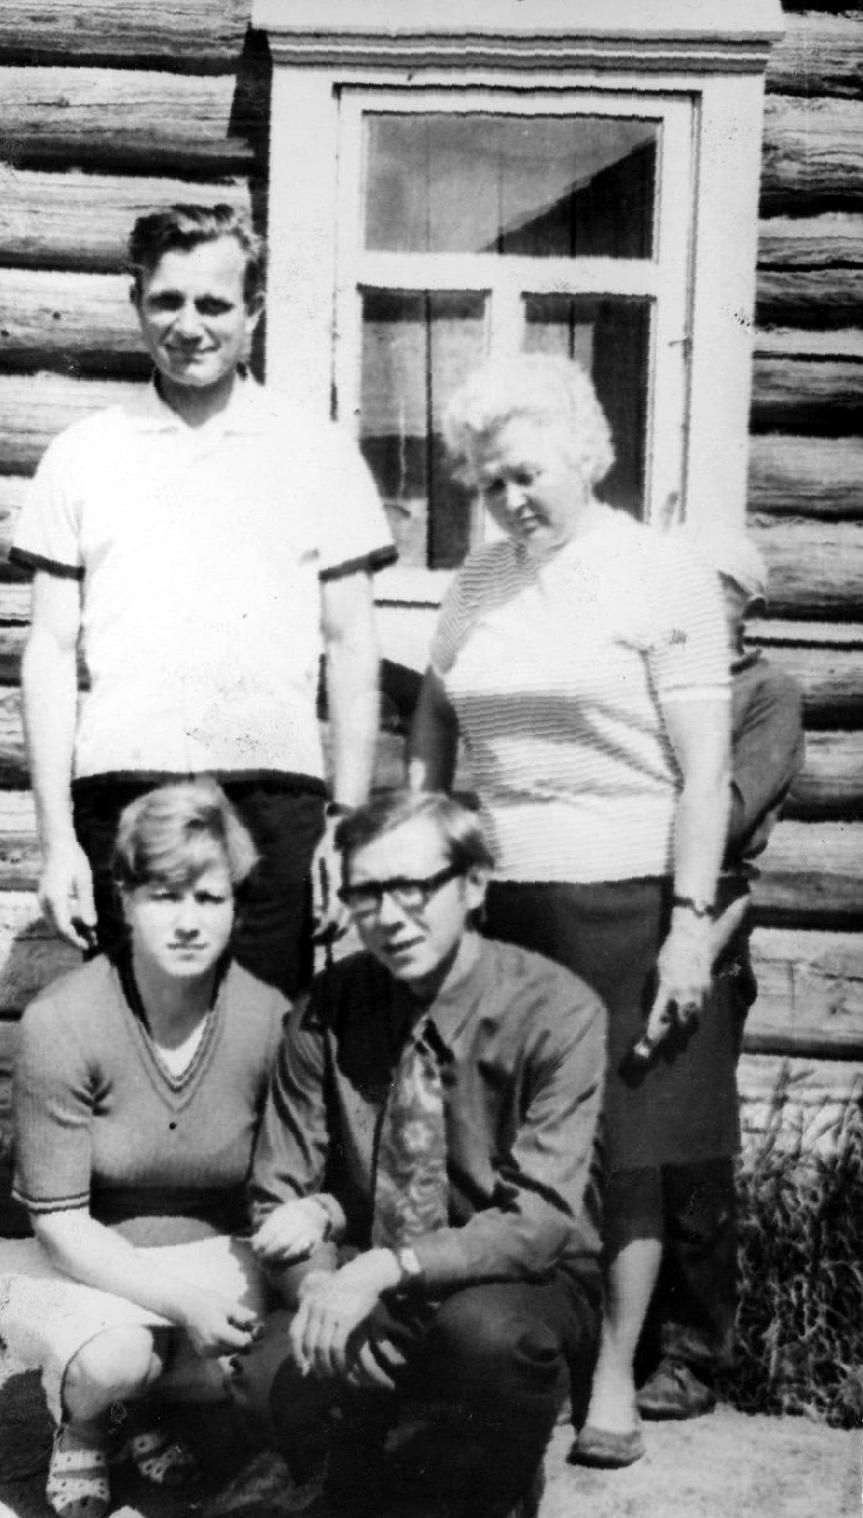 Анна, Петр и Коля с Лидой около дома, где они жили в оккупации . Фото 1970 года из семейного архива Травниковой В.В.